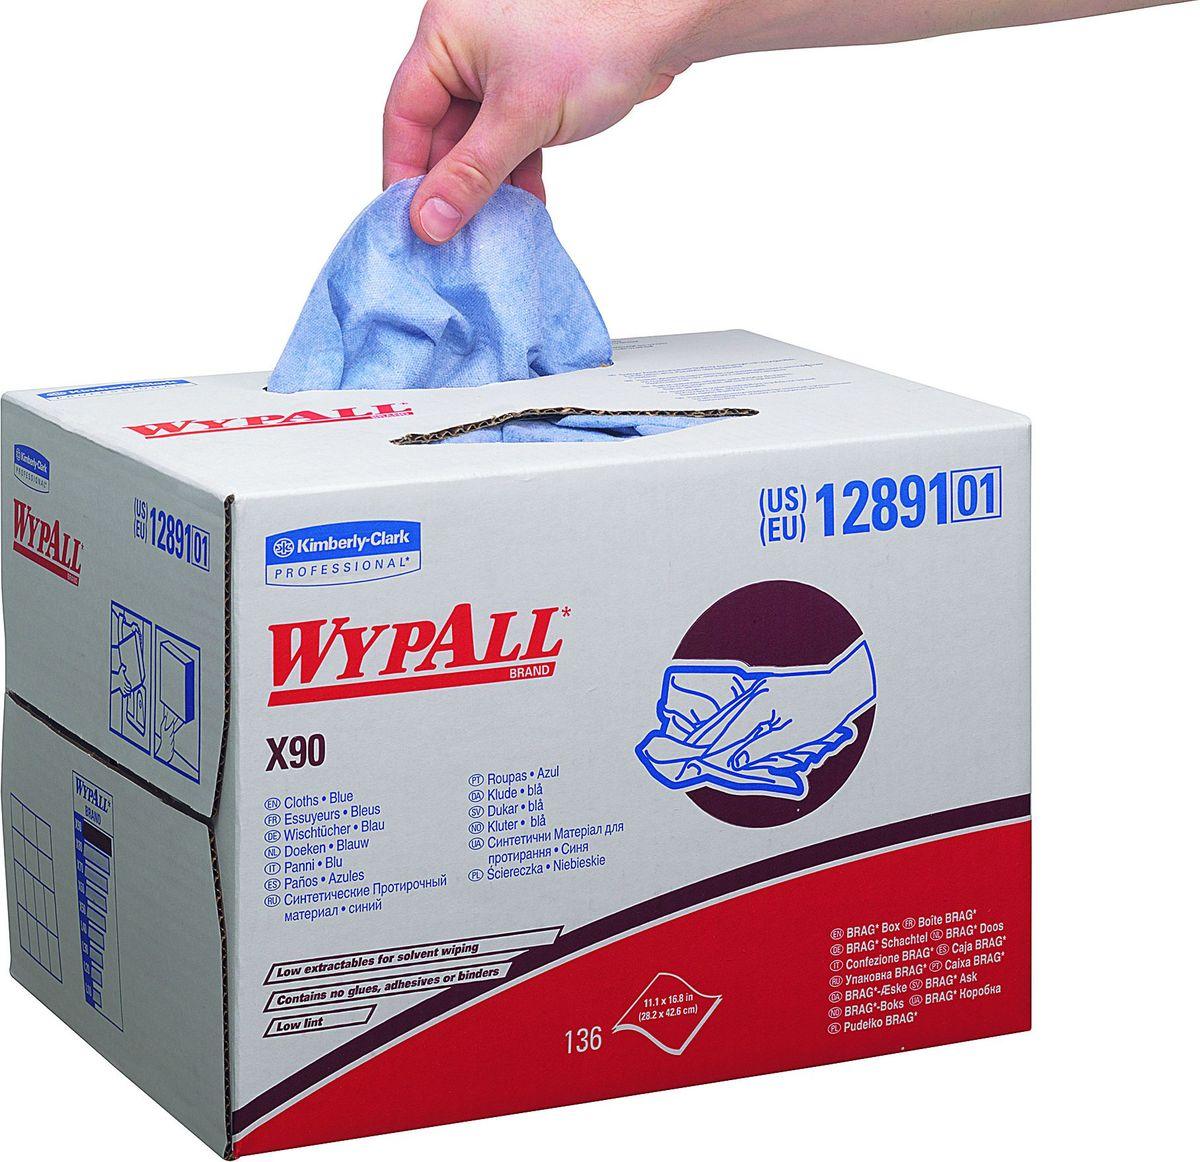 Салфетки бумажные Wypall  Х90 , 152 шт. 12891 - Туалетная бумага, салфетки